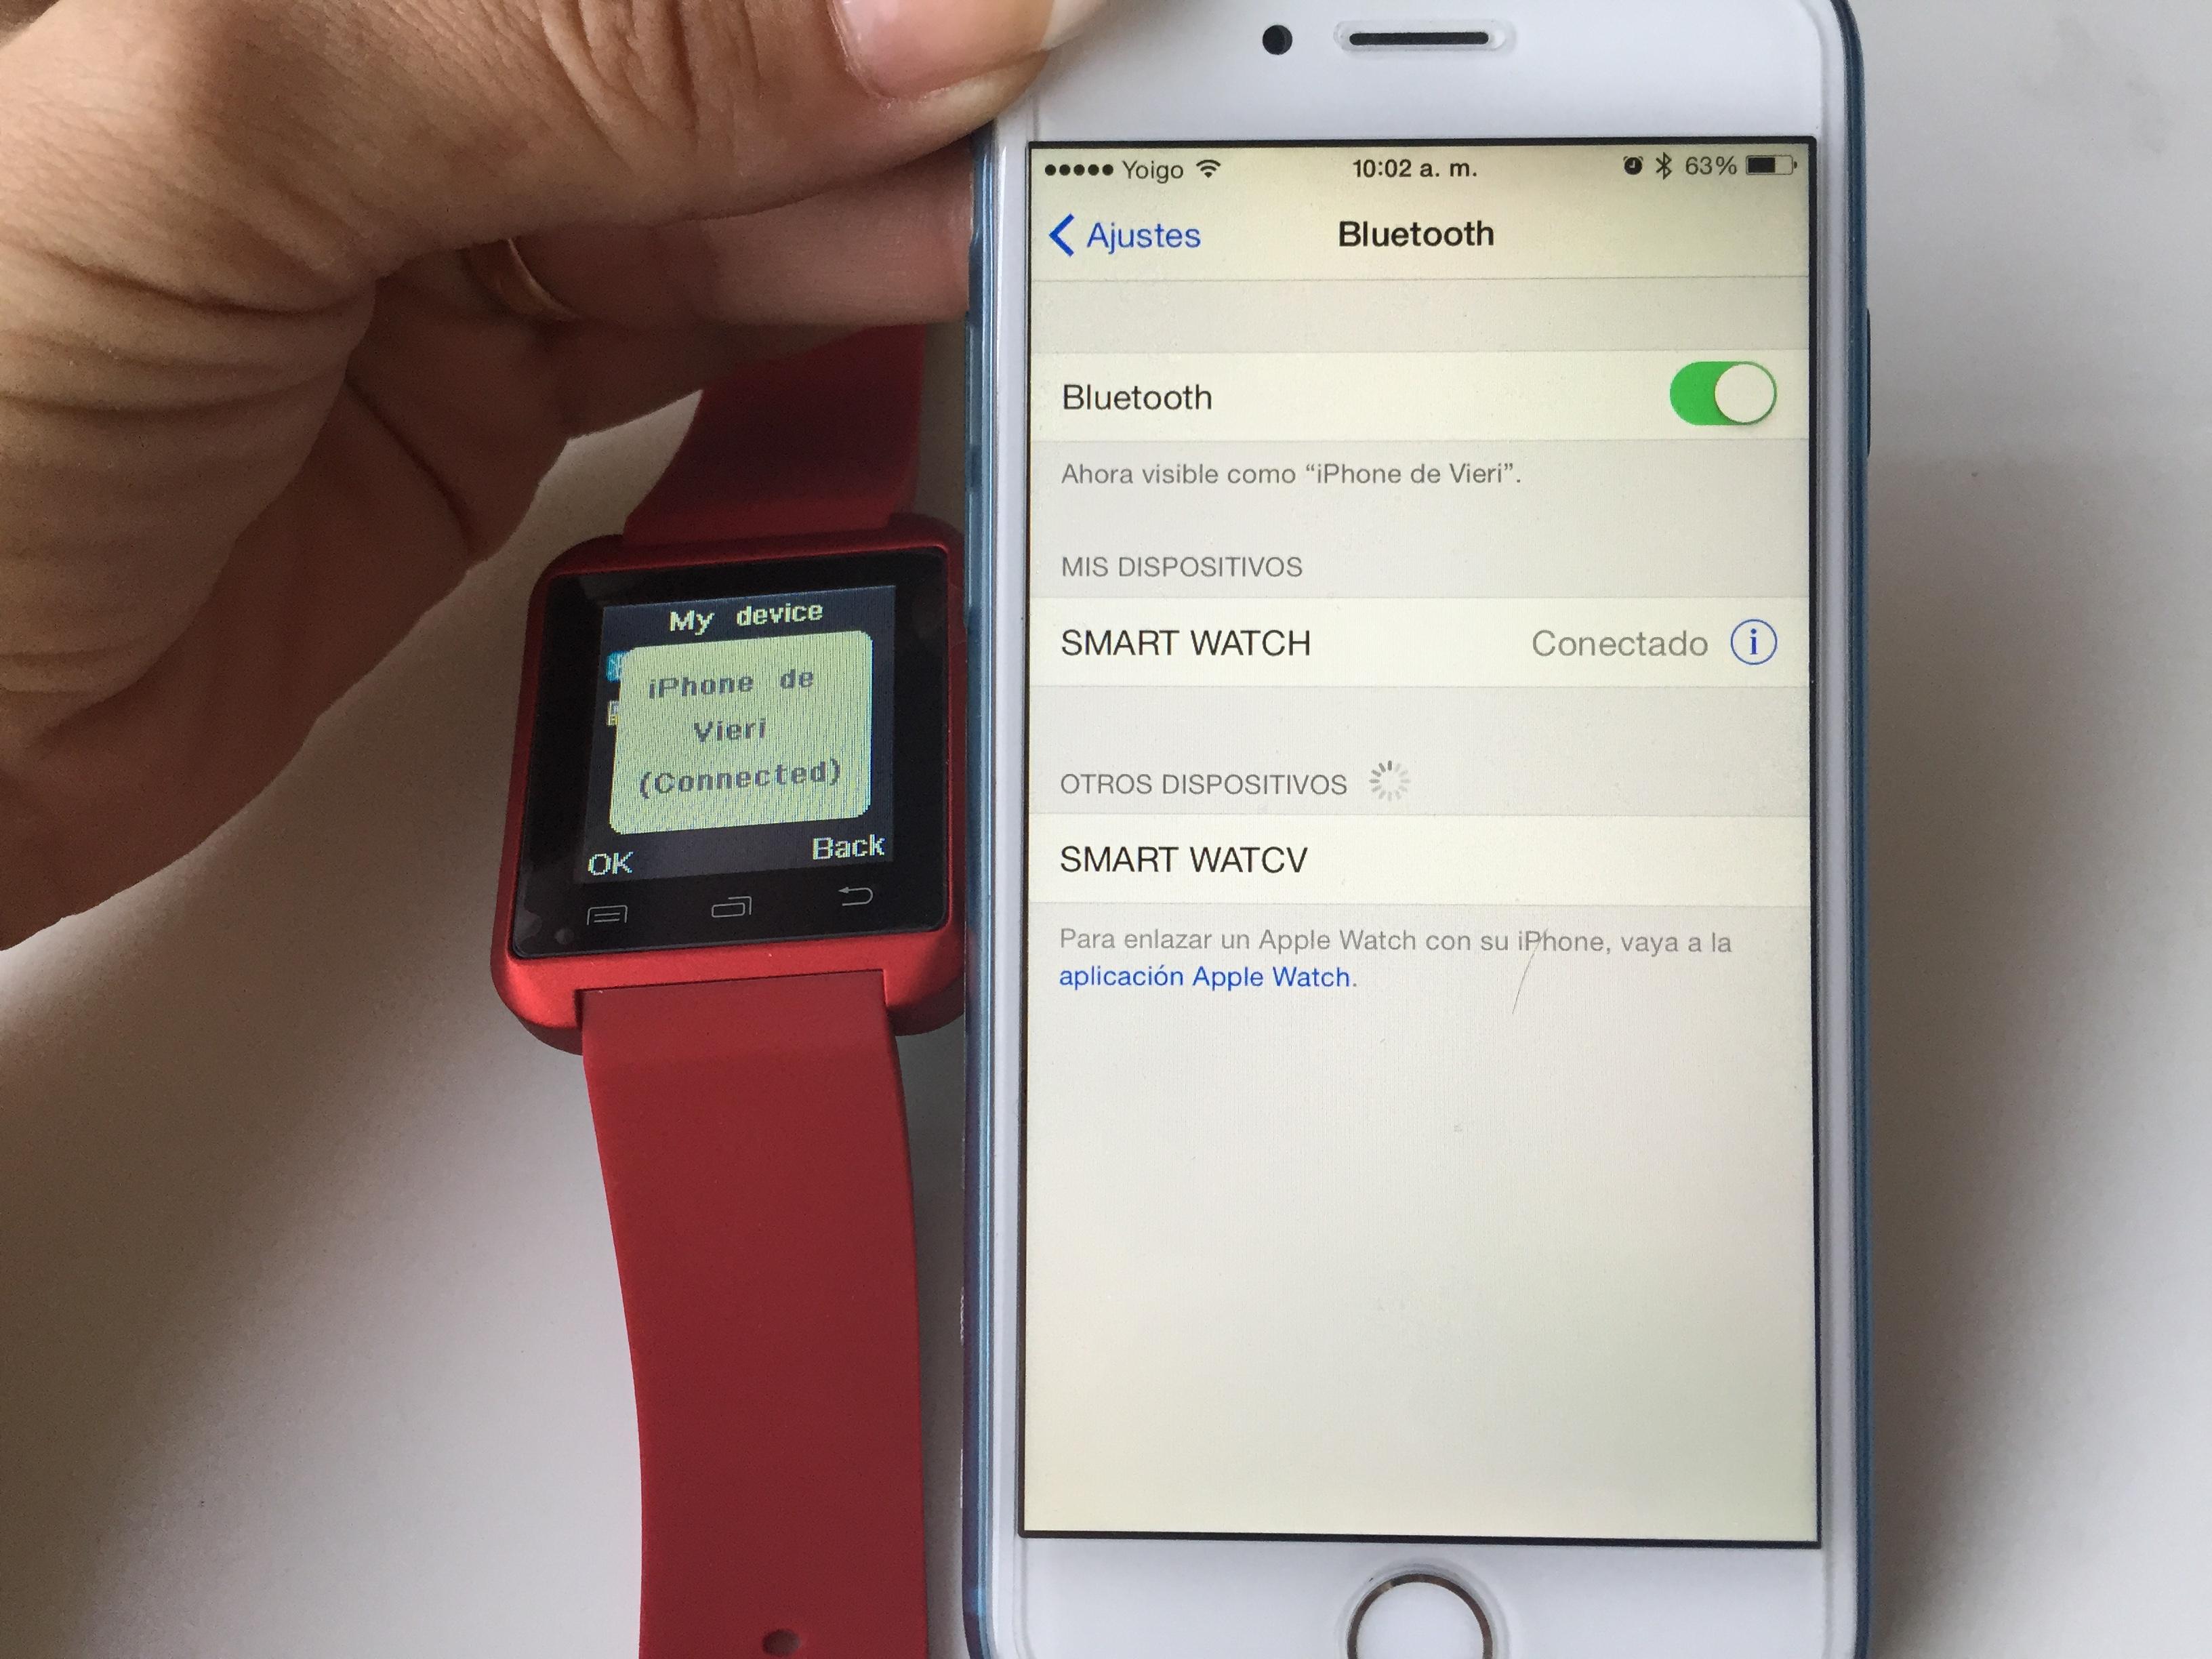 0d4c9d0b1cd 3- Configuración del reloj  Selecciona el icono de configuración